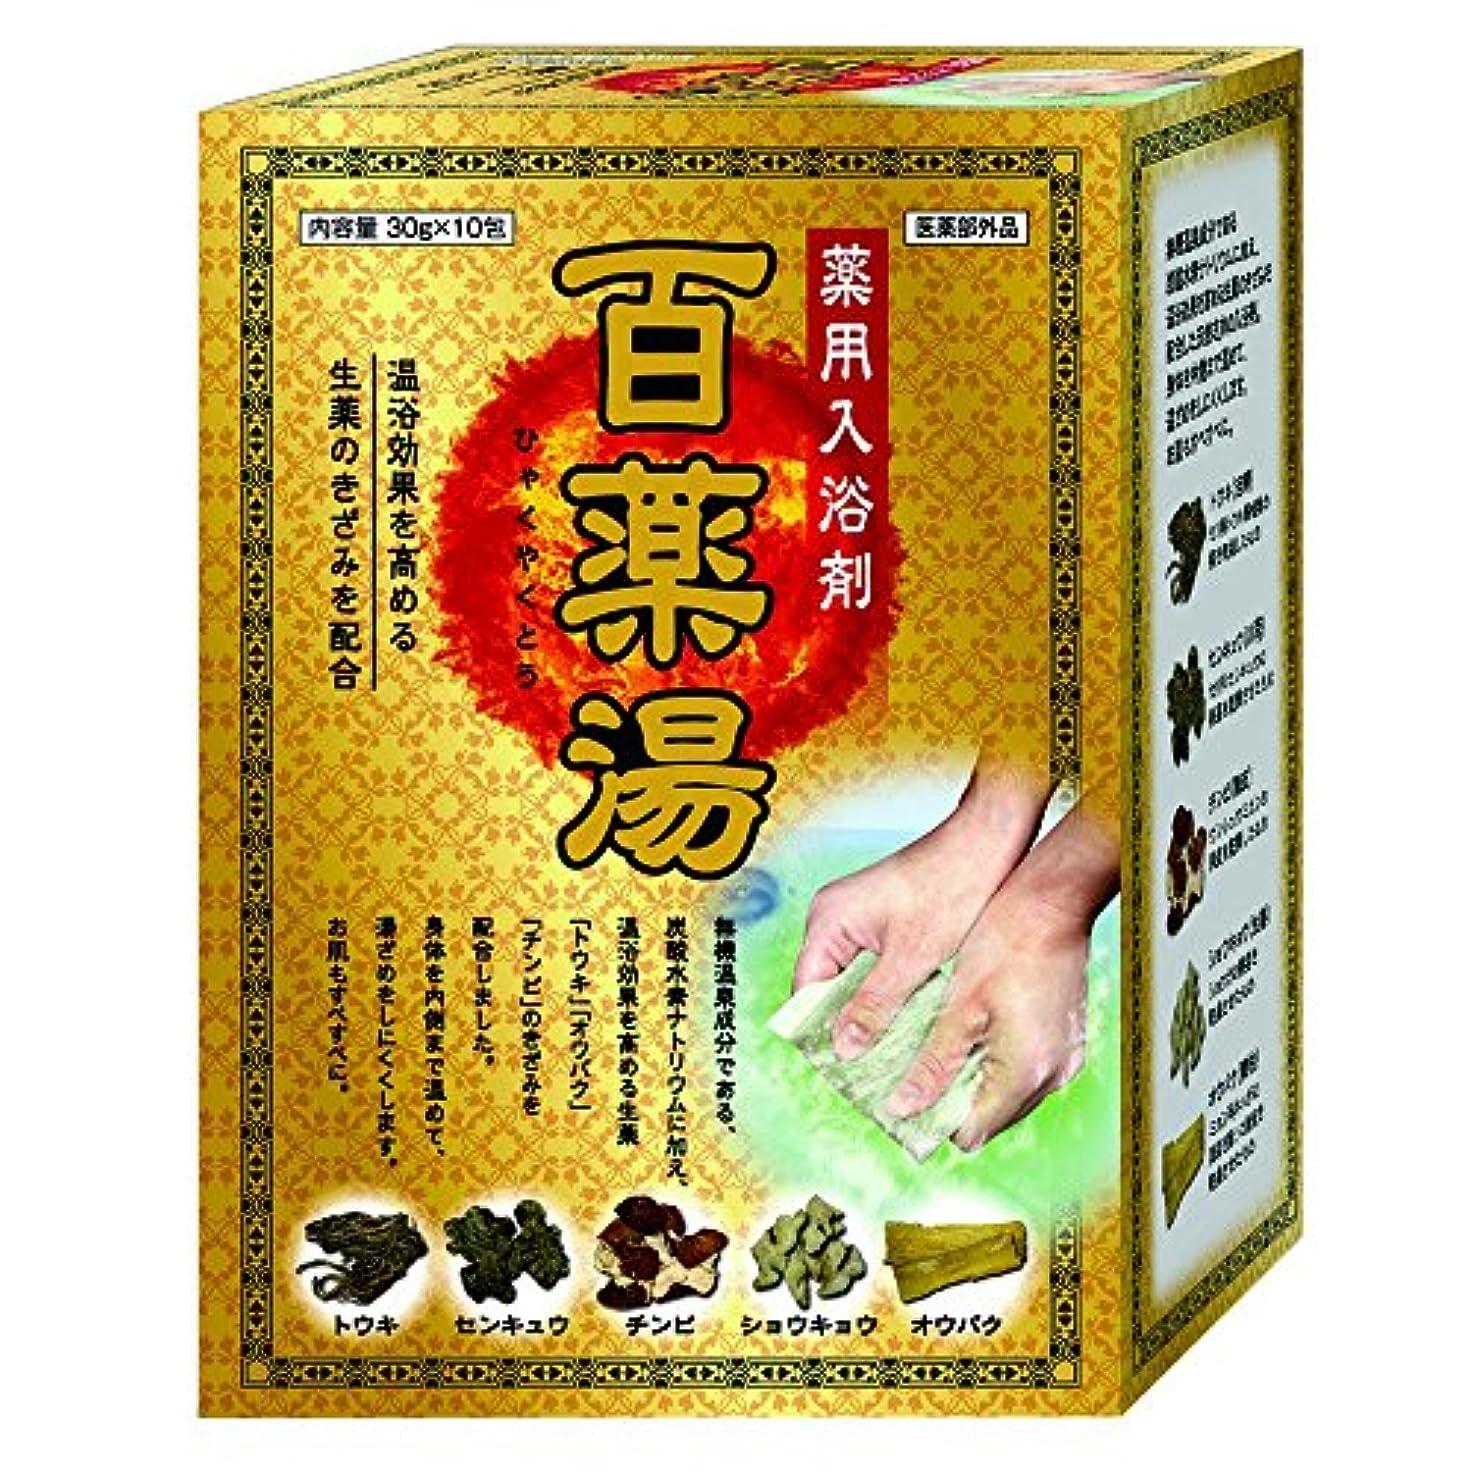 レタッチ引き受ける人生を作る百薬湯 薬用入浴剤 温浴効果を高める生薬のきざみを配合 30g×10包 (医薬部外品)